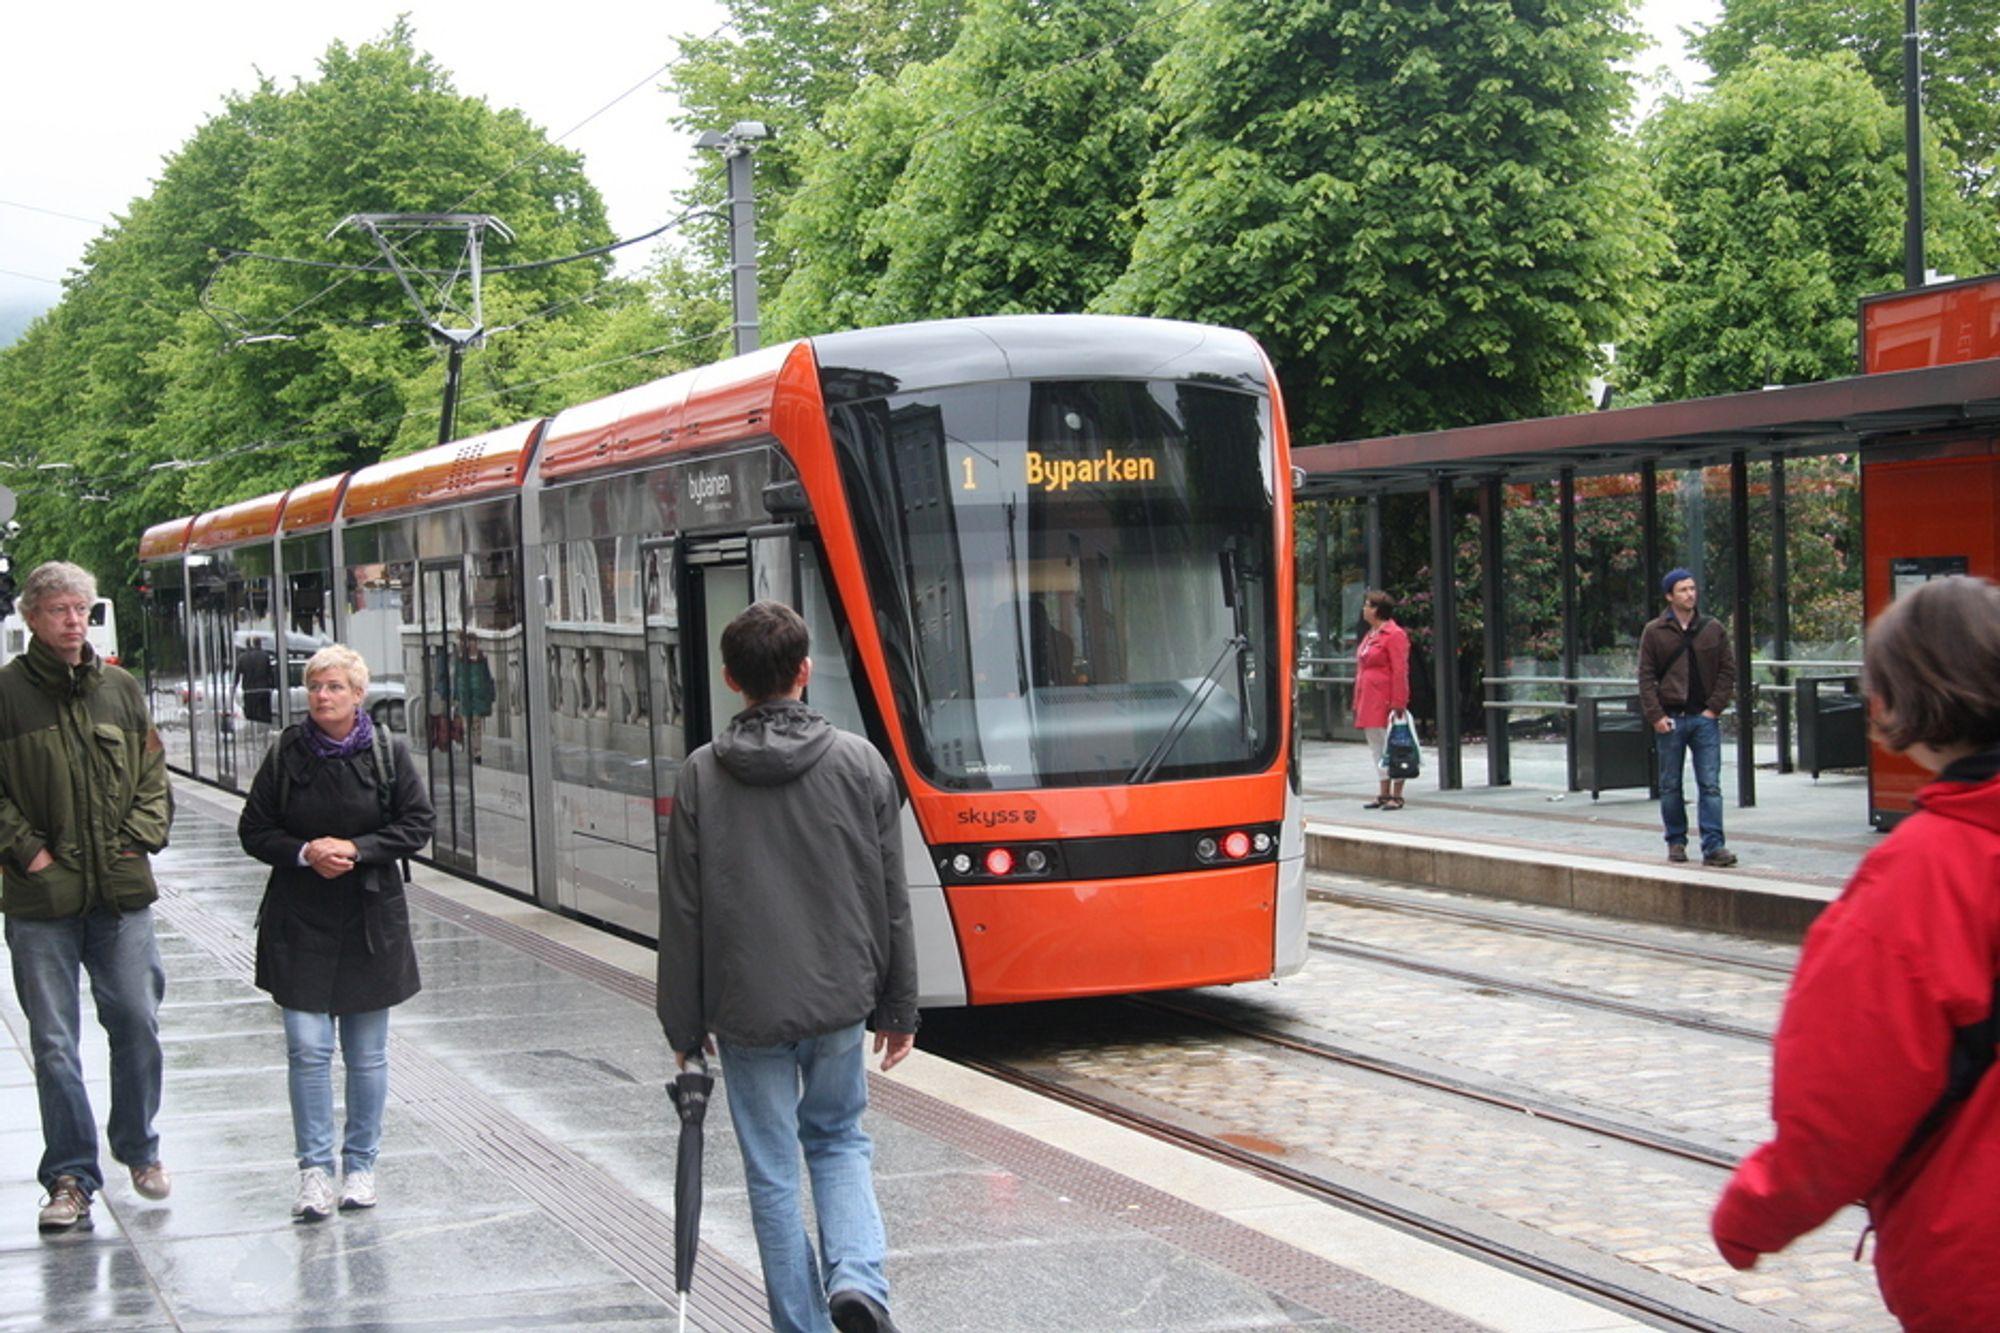 VIKTIG: En bybane på skinner er ikke nok. Transportbehovet vil bli enda større i Bergen de kommende årene, viser prognoser.